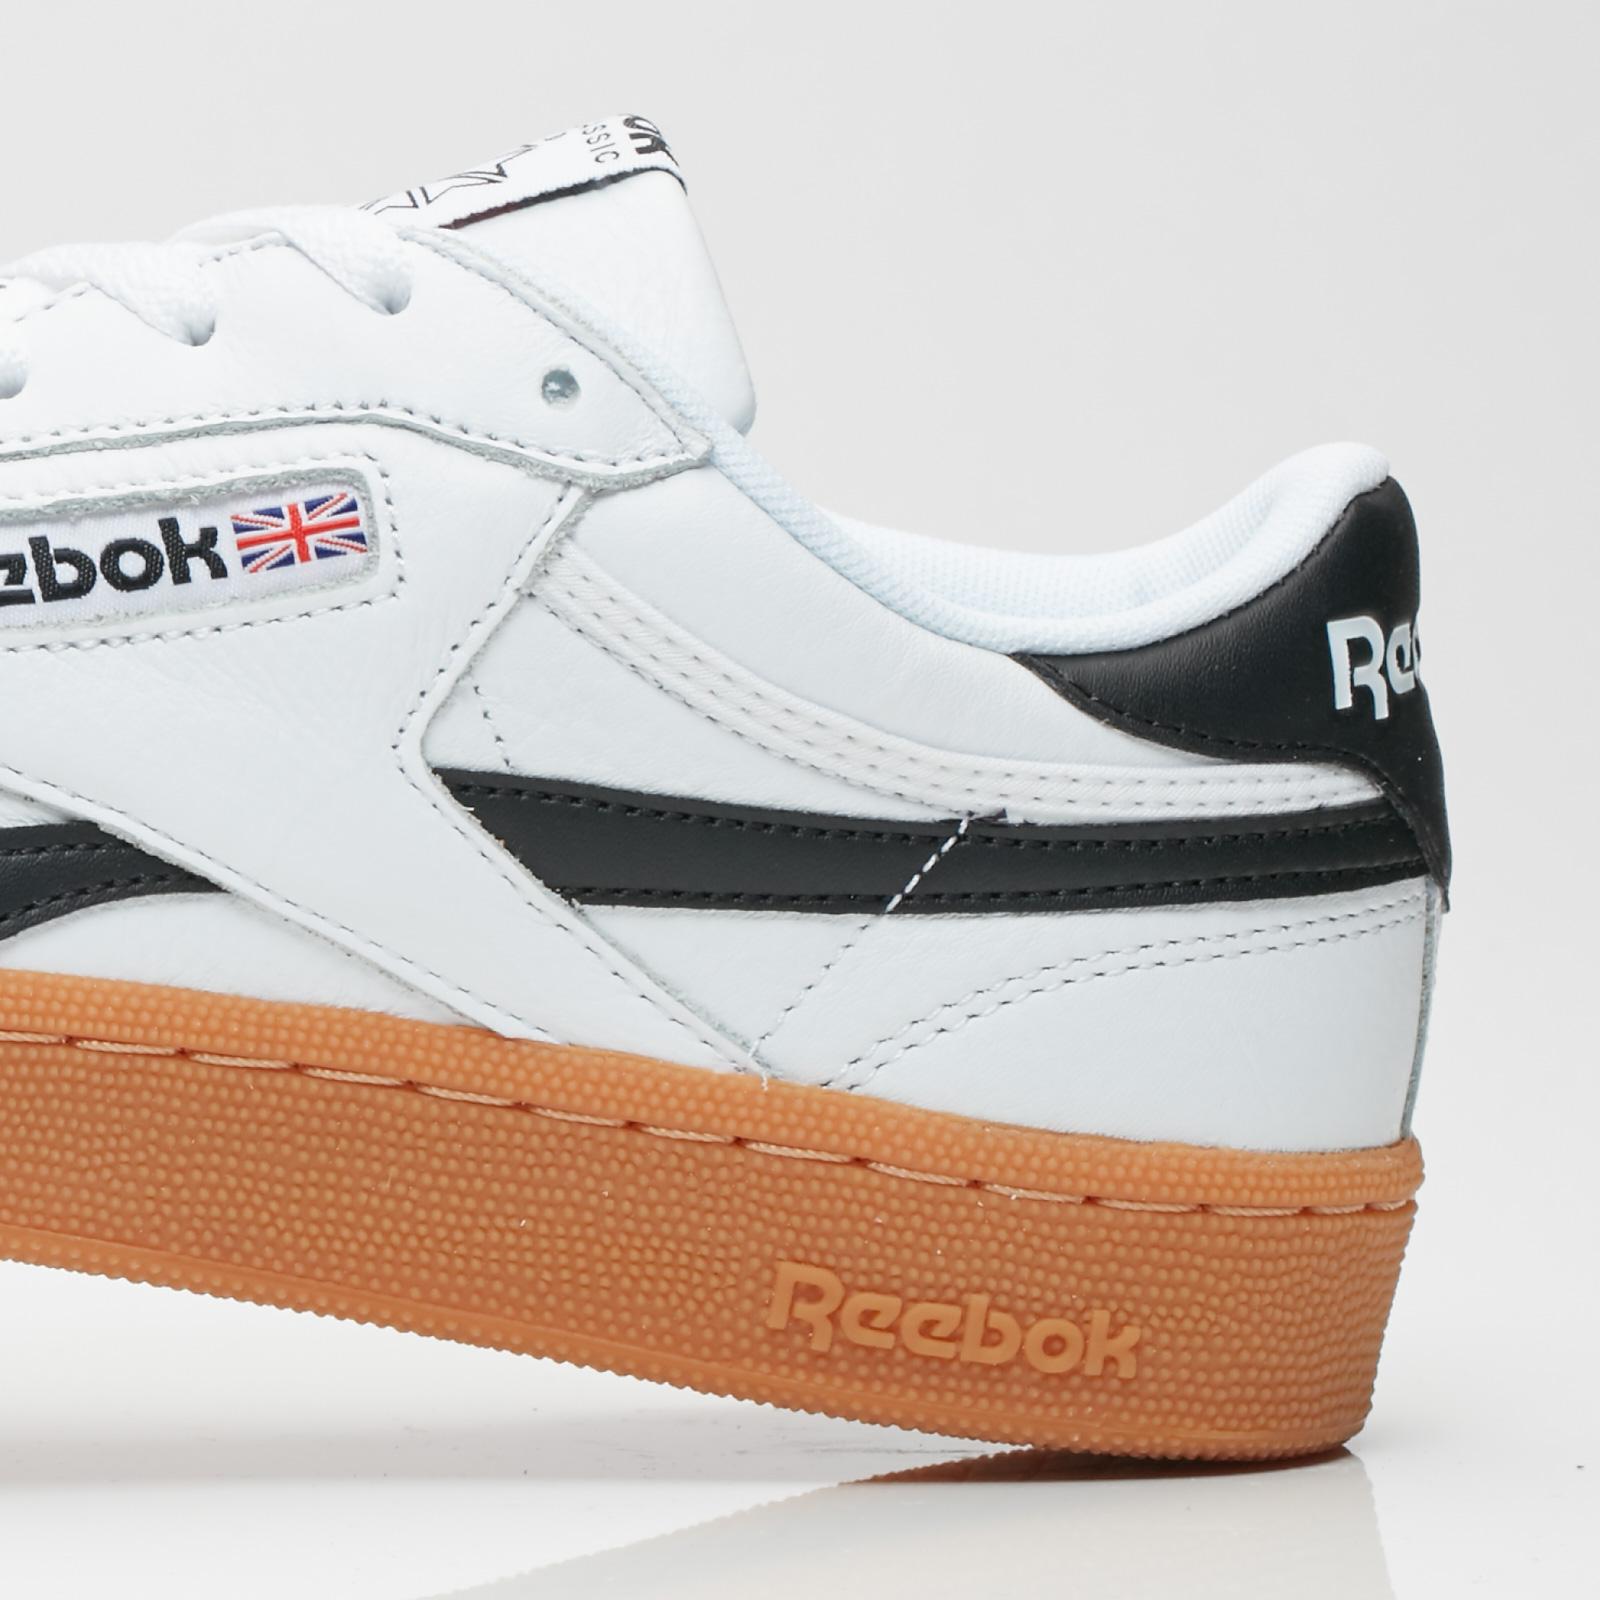 Reebok Revenge Plus Gum Trainers In White CM8791 | ASOS